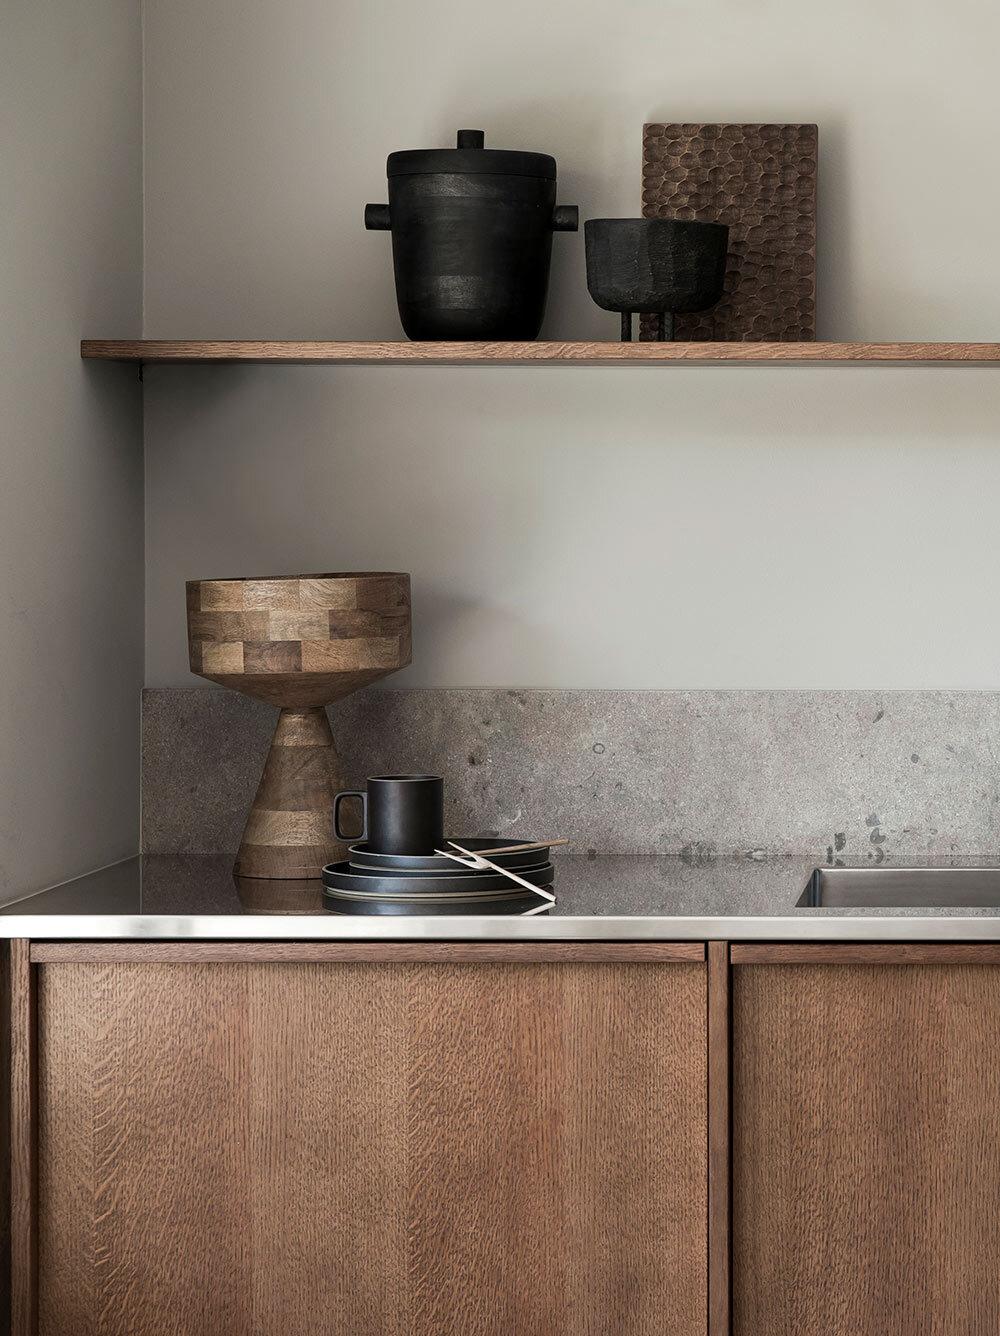 Hoburg marble, countertop in stainless steel